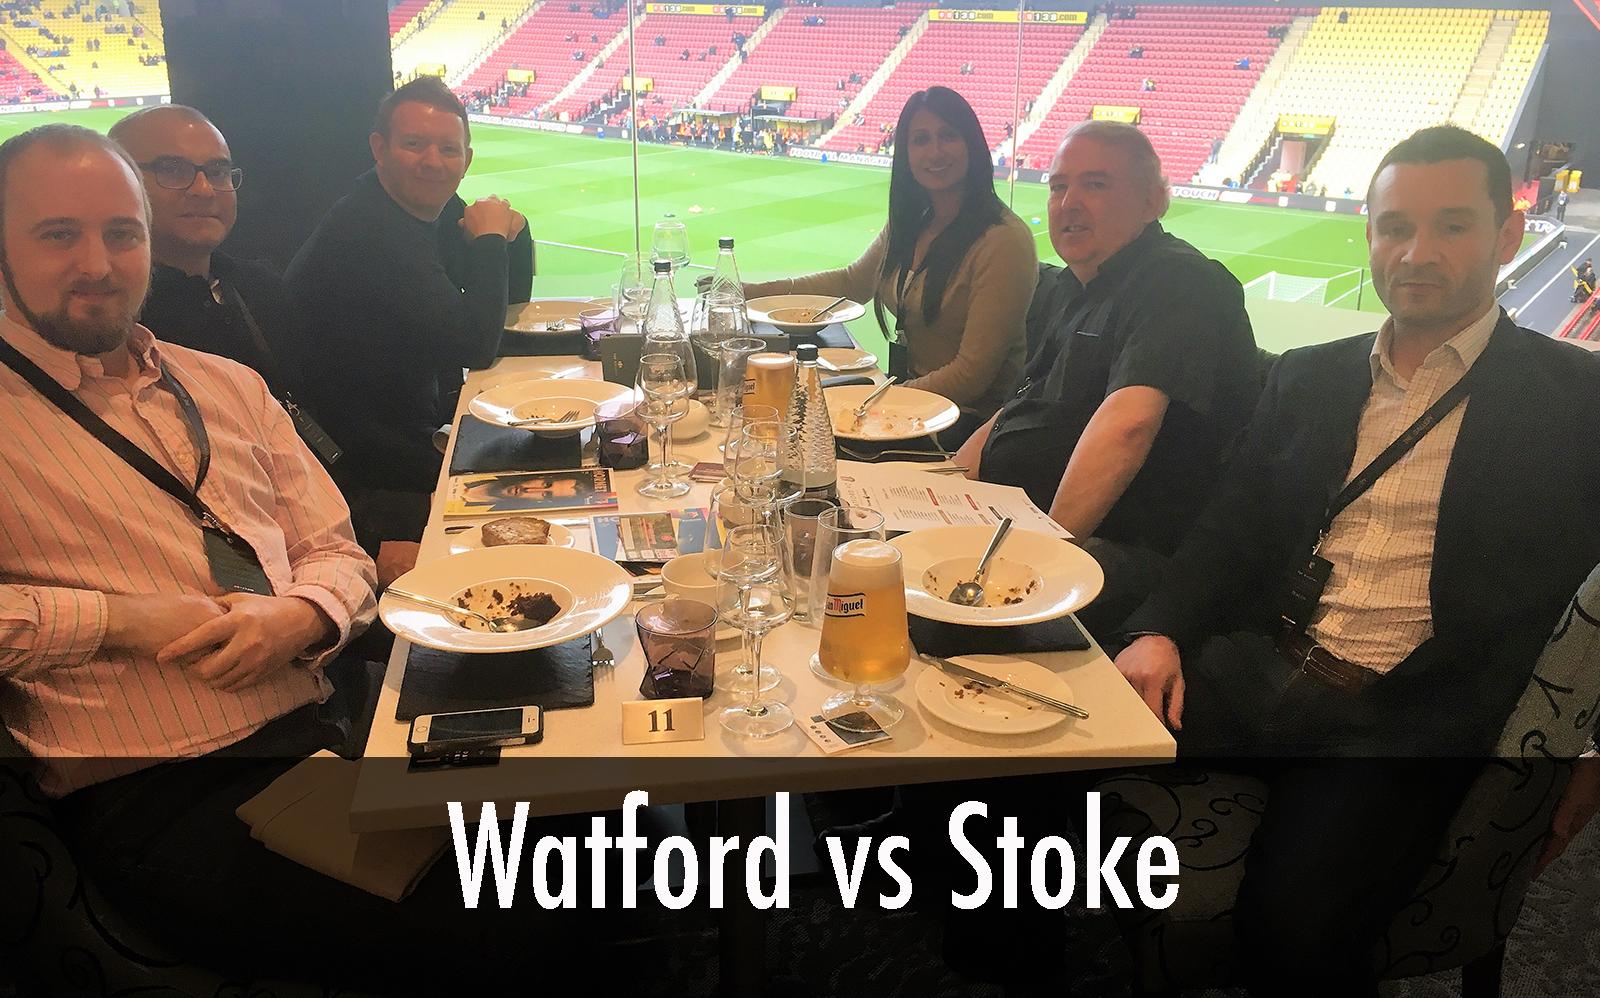 Watford vs Stoke